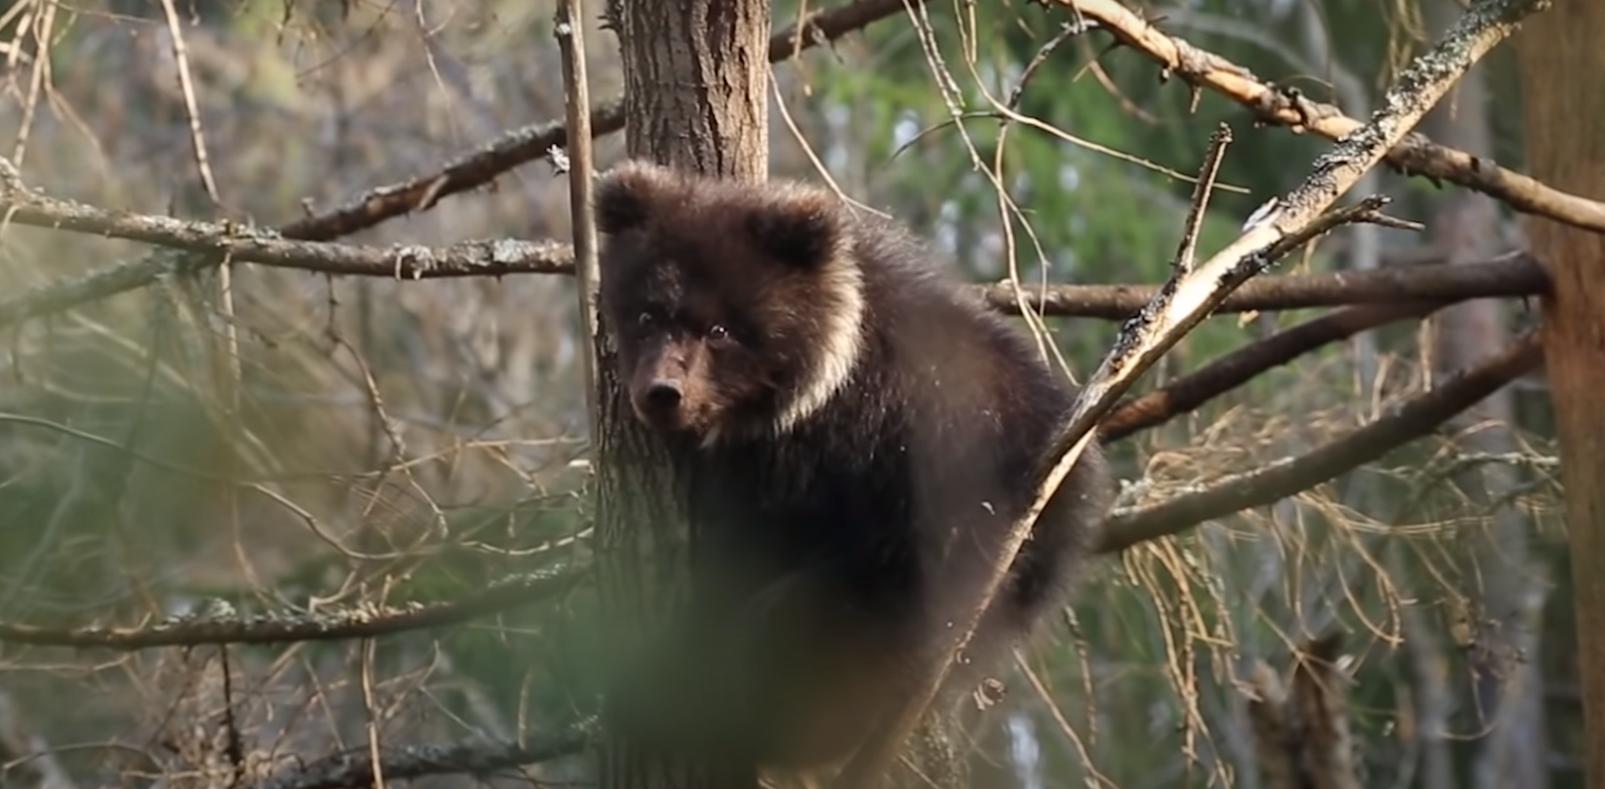 Тверские биологи опубликовали видеопривет от маленькой медведицы Пужи